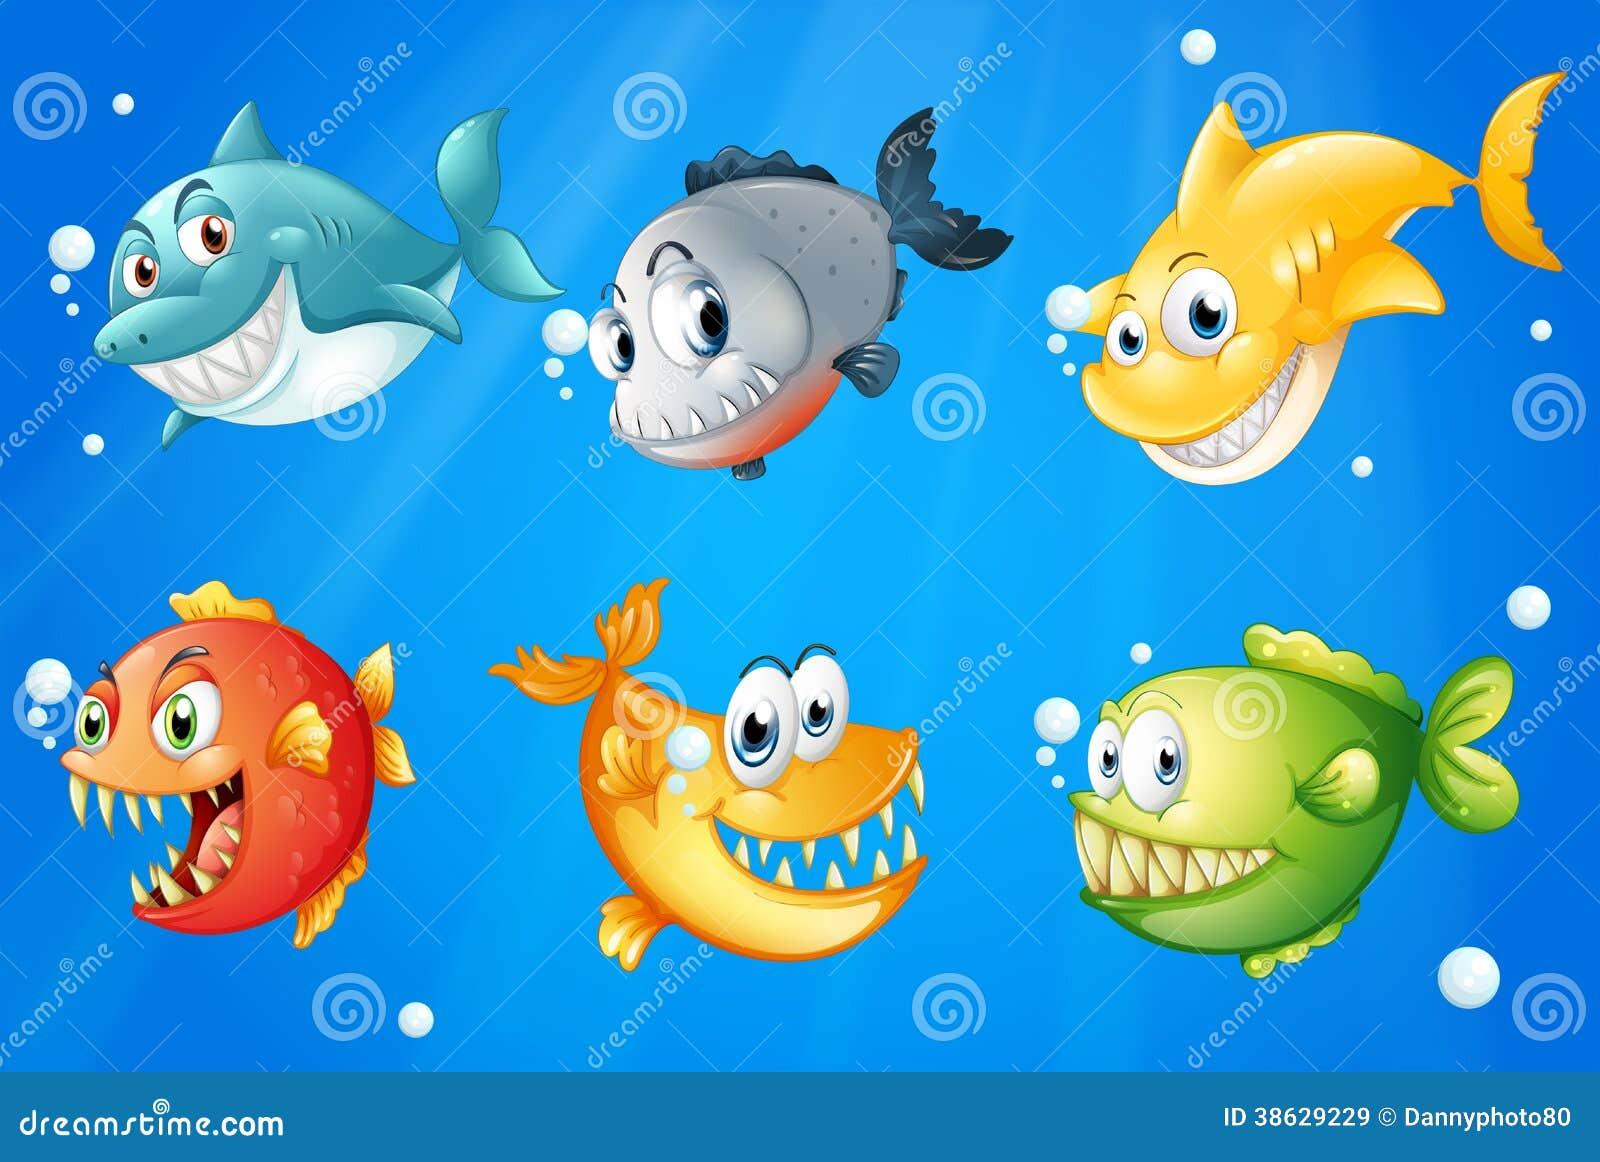 Έξι ζωηρόχρωμα ψάρια κάτω από τα μεγάλα θαλάσσια βάθη